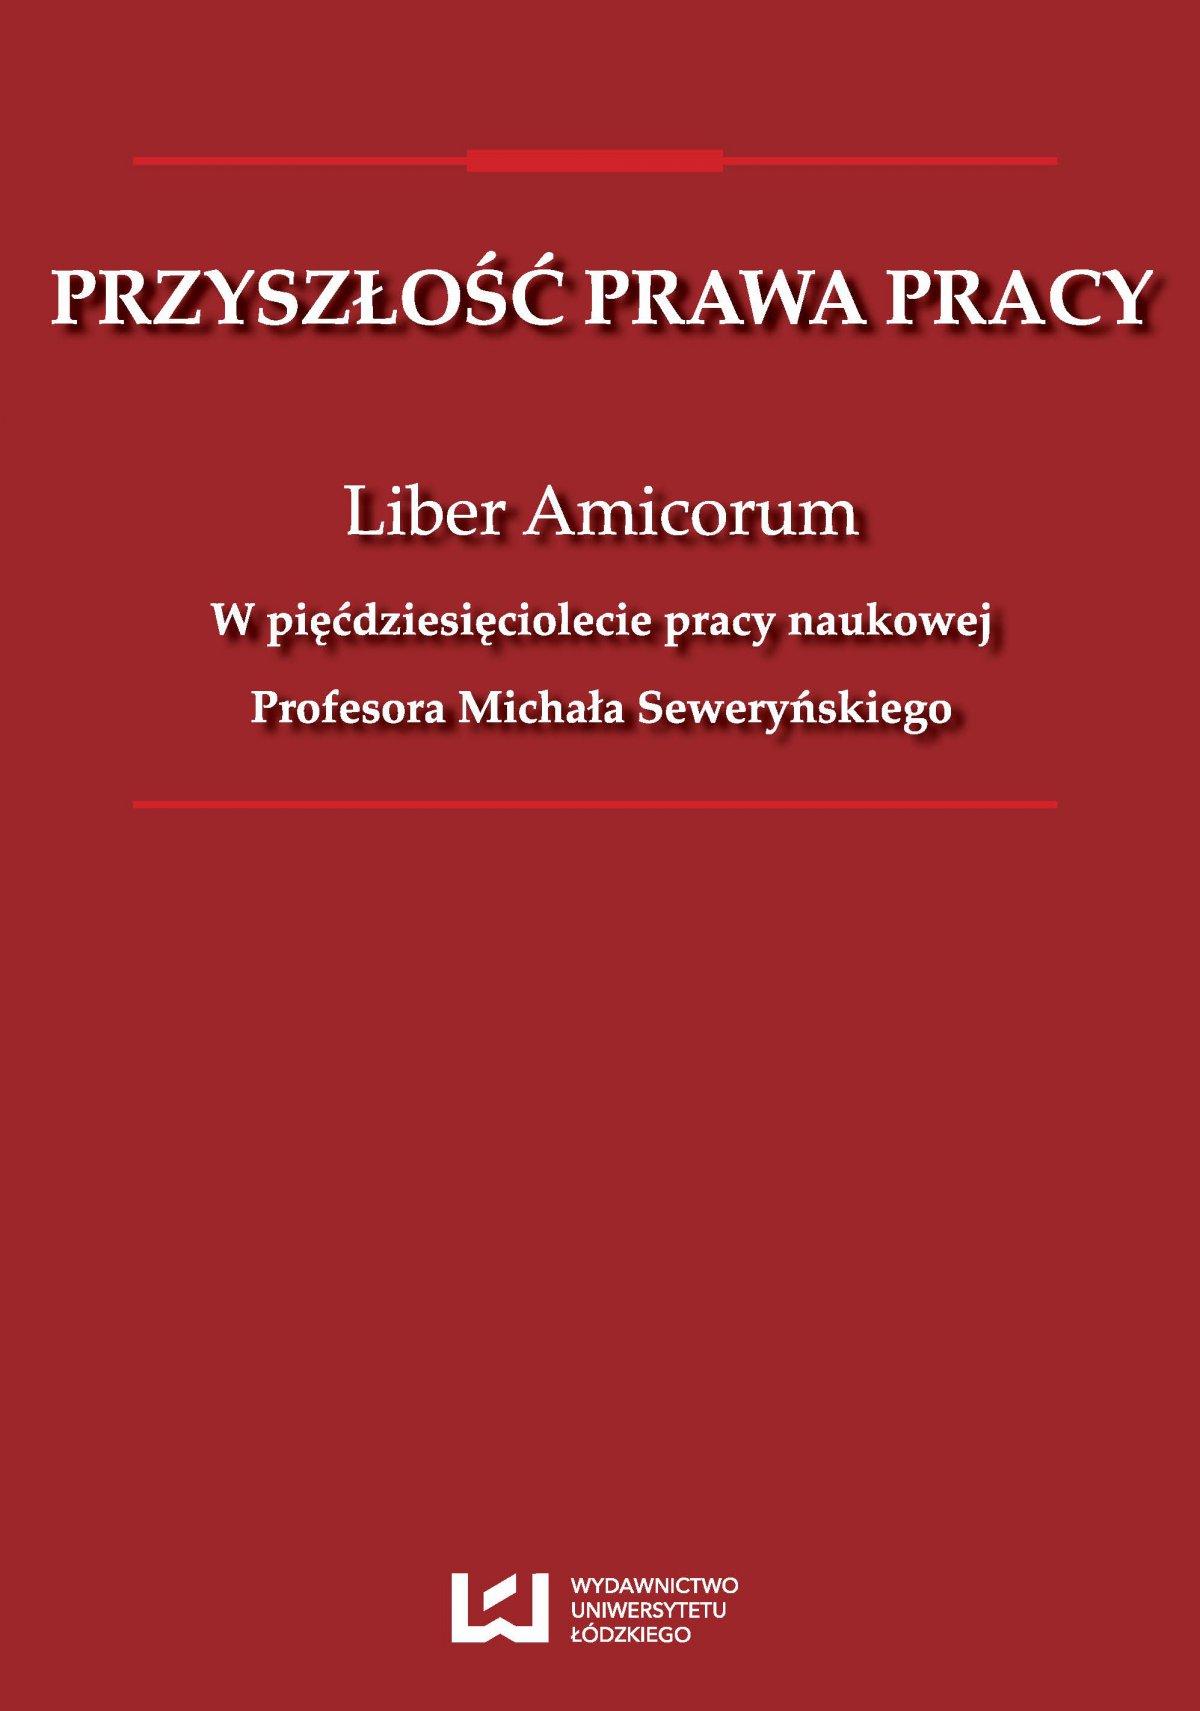 Przyszłość prawa pracy. Liber Amicorum. W pięćdziesięciolecie pracy naukowej Profesora Michała Seweryńskiego - Ebook (Książka PDF) do pobrania w formacie PDF